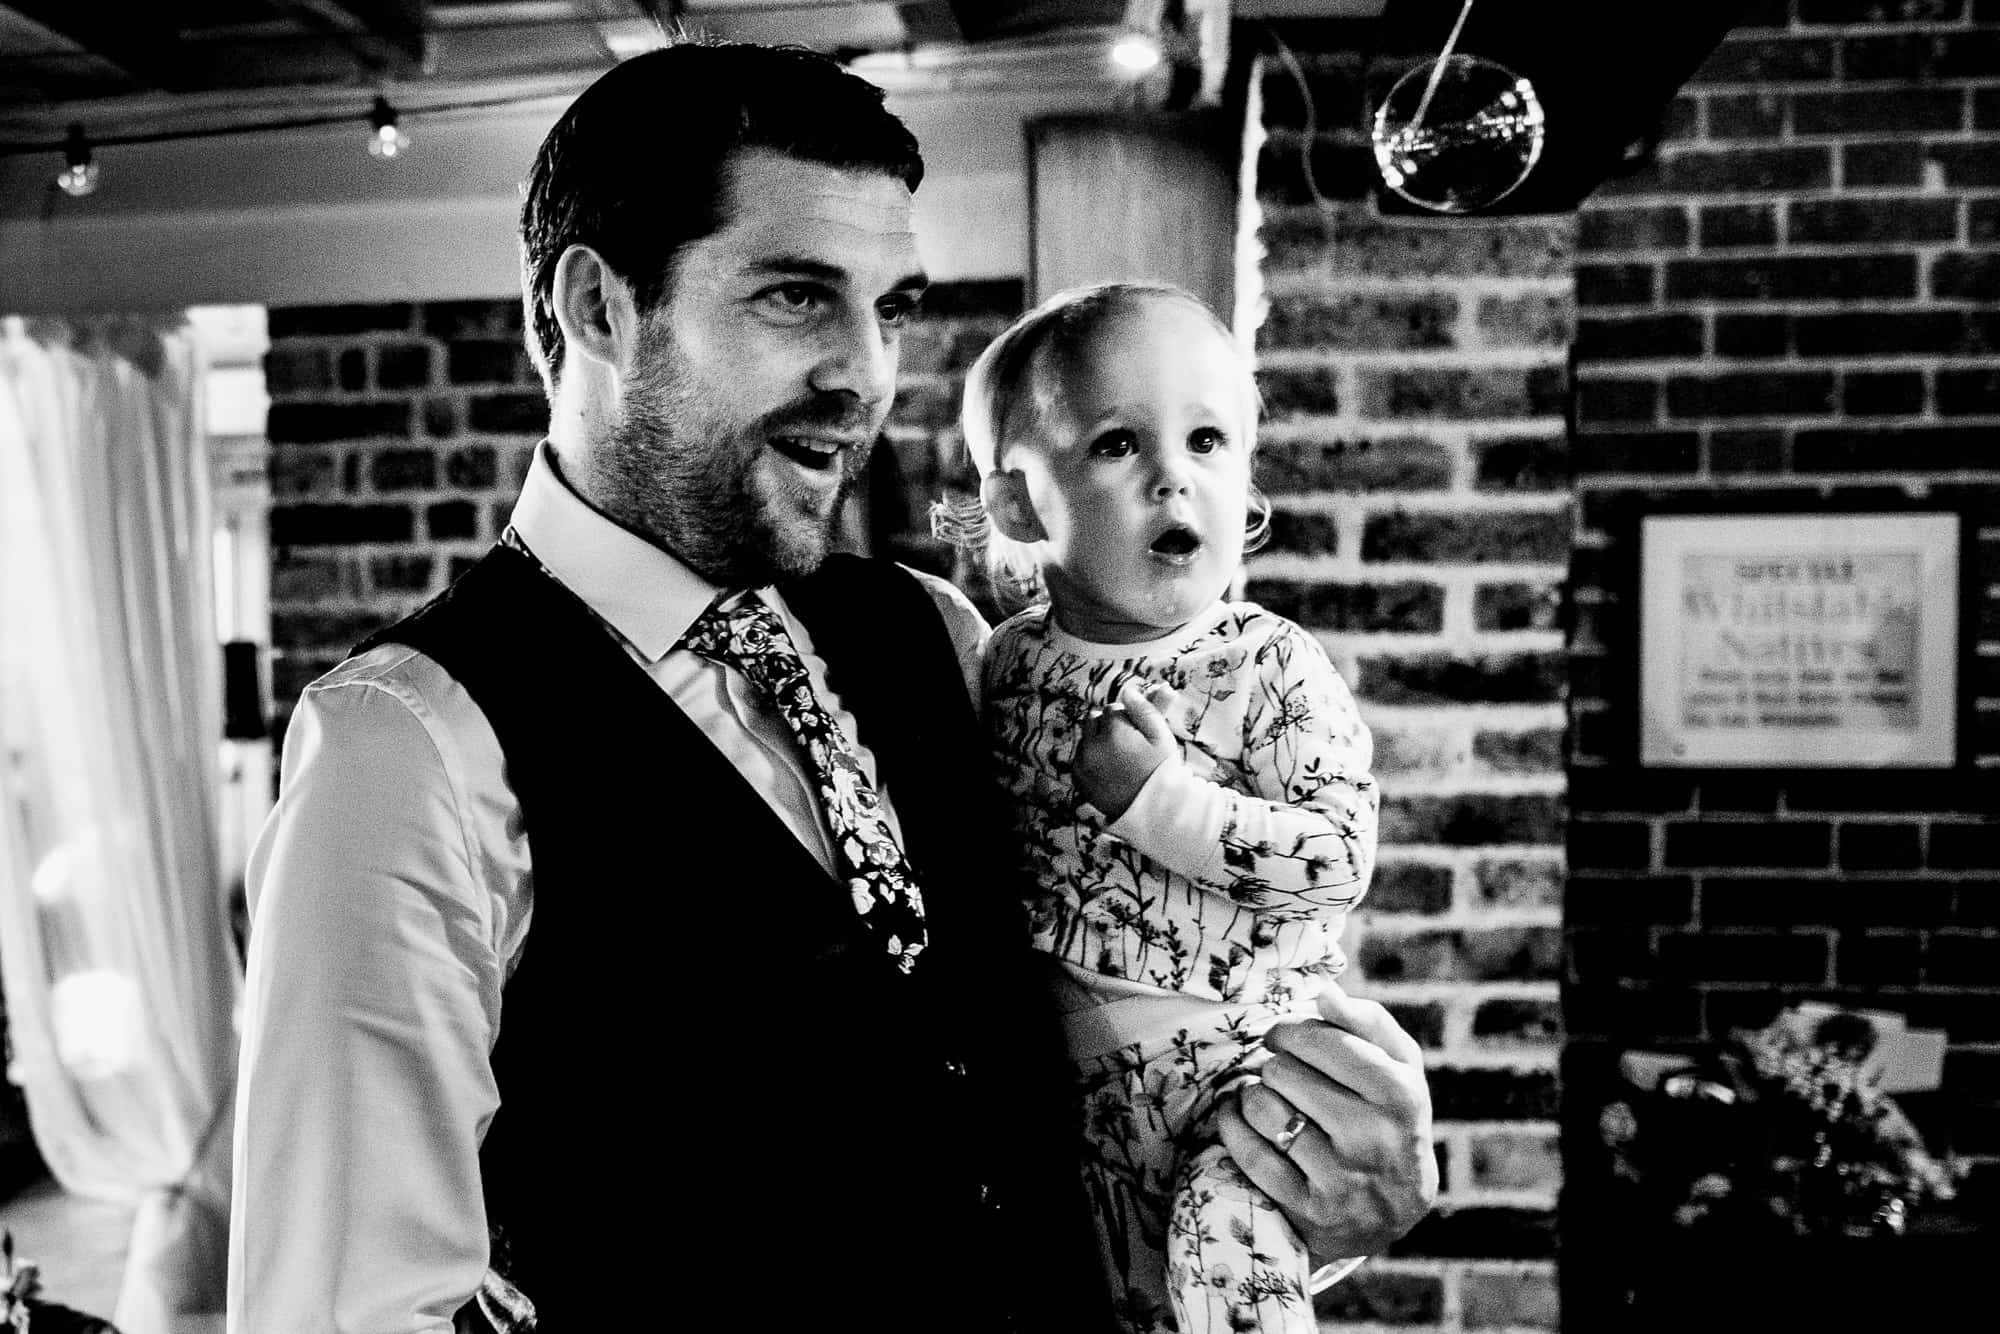 east-quay-wedding-photographer-matt-tyler-0067